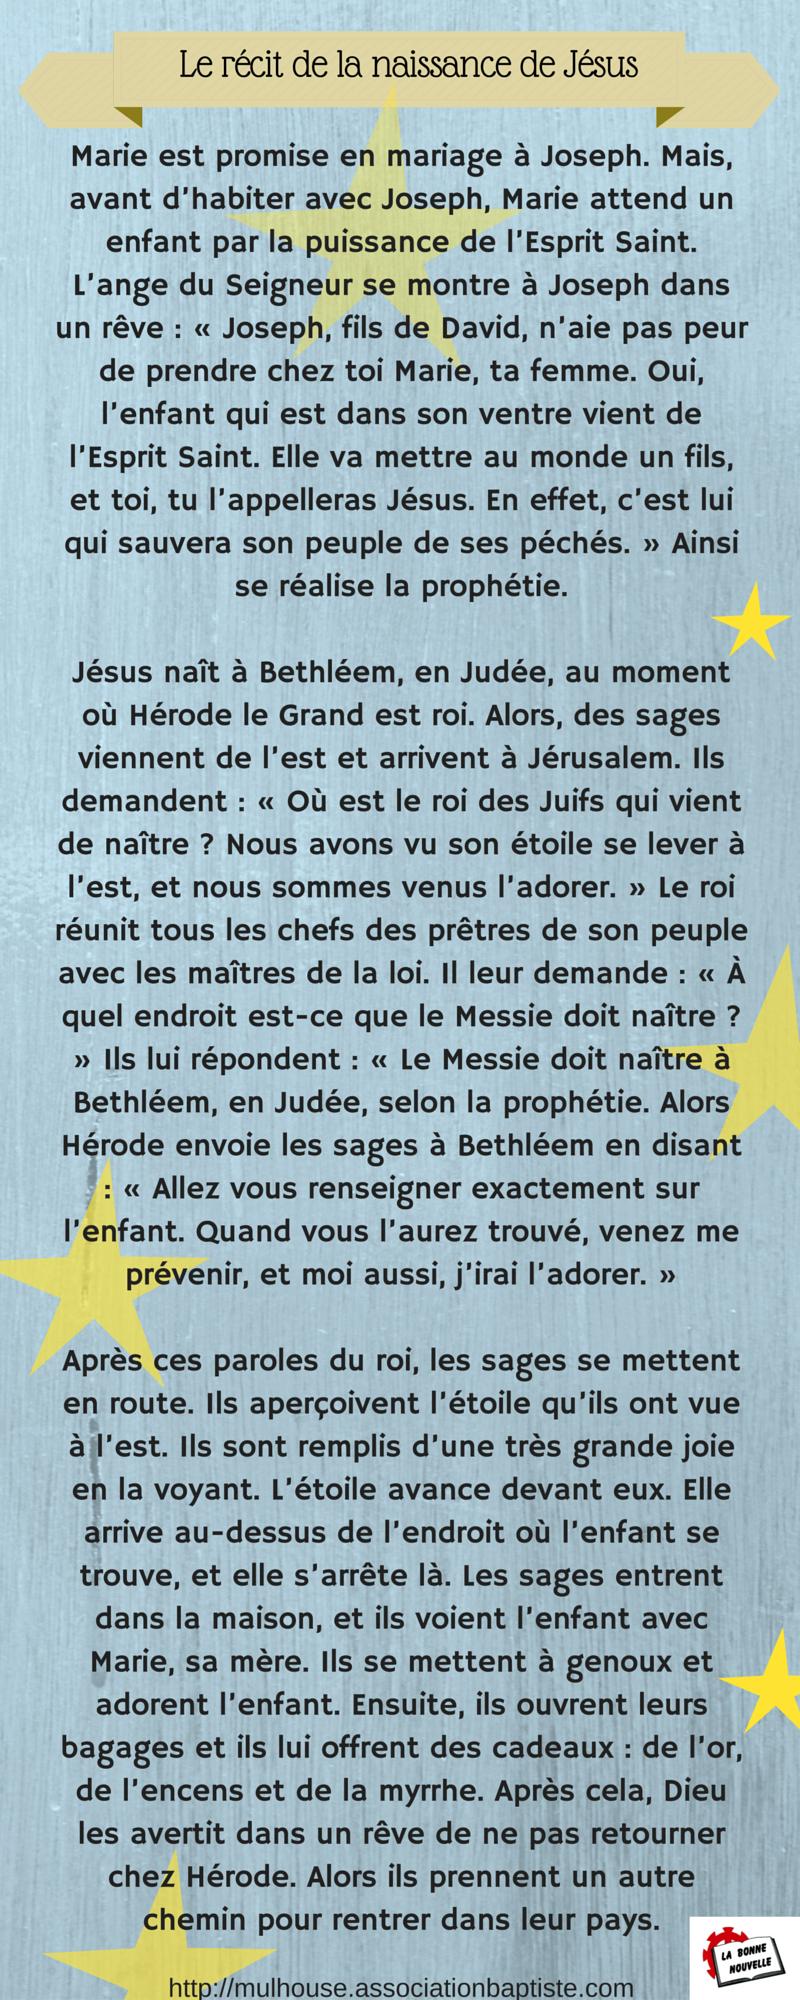 Le récit de la naissance de Jésus (2)